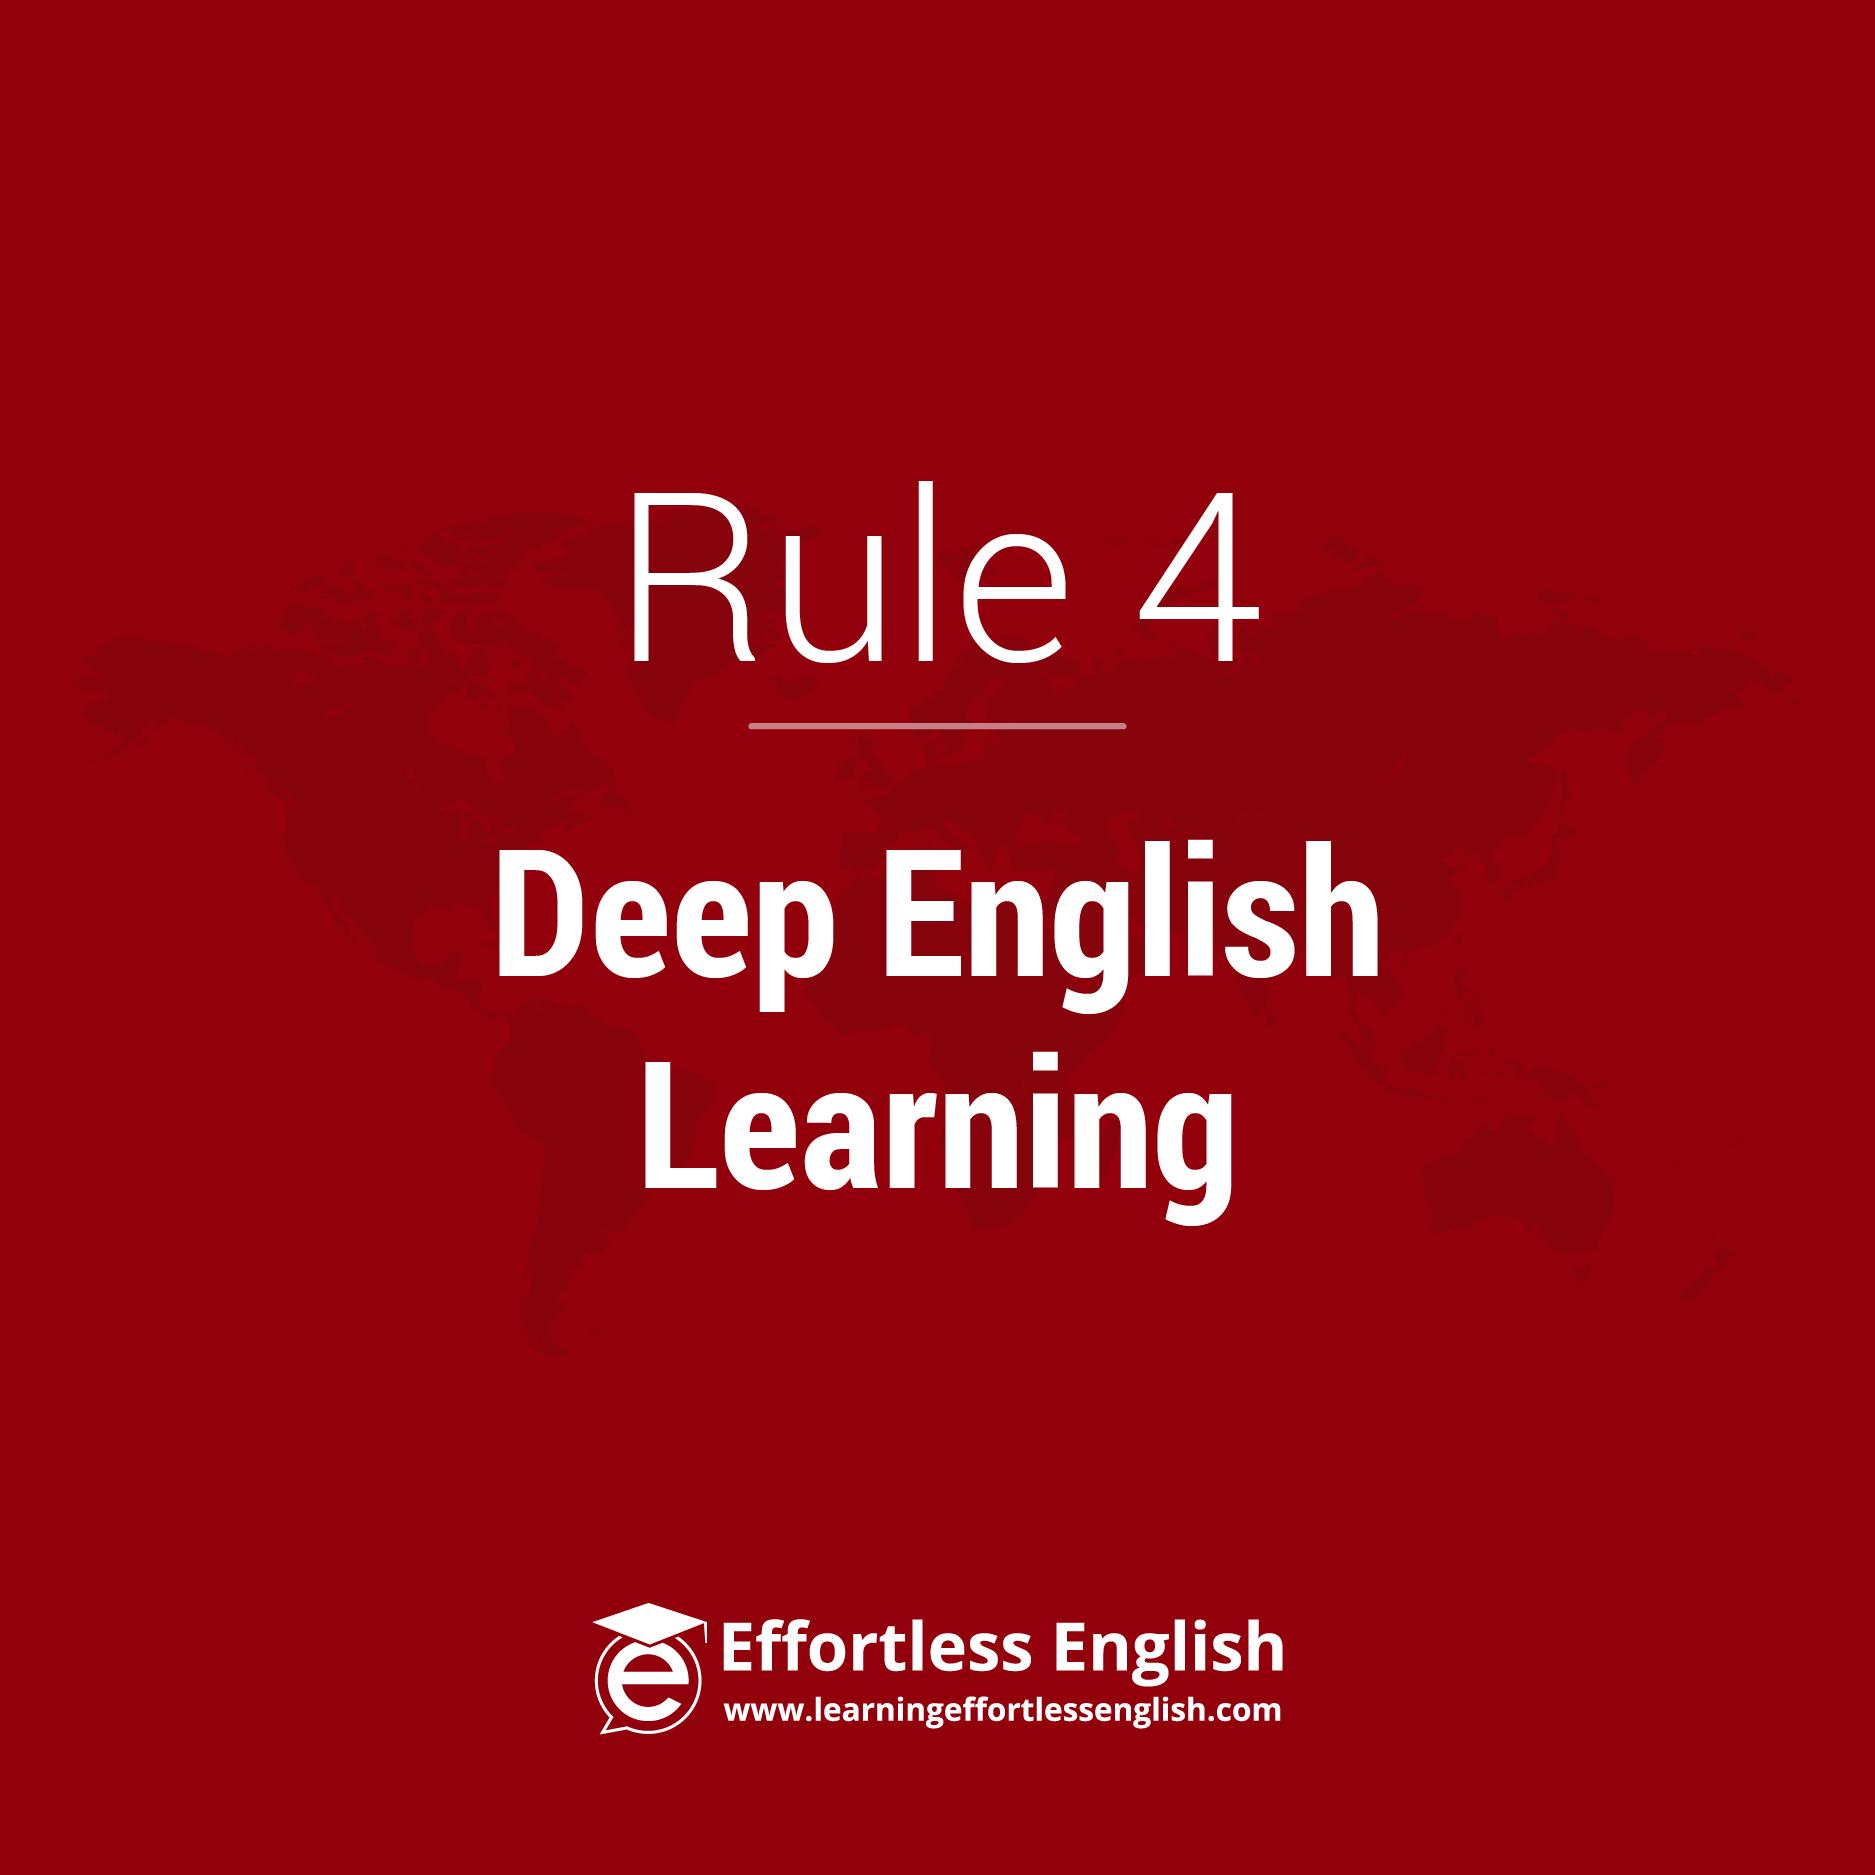 Rule 4: Slow, Deep Learning Is Best!